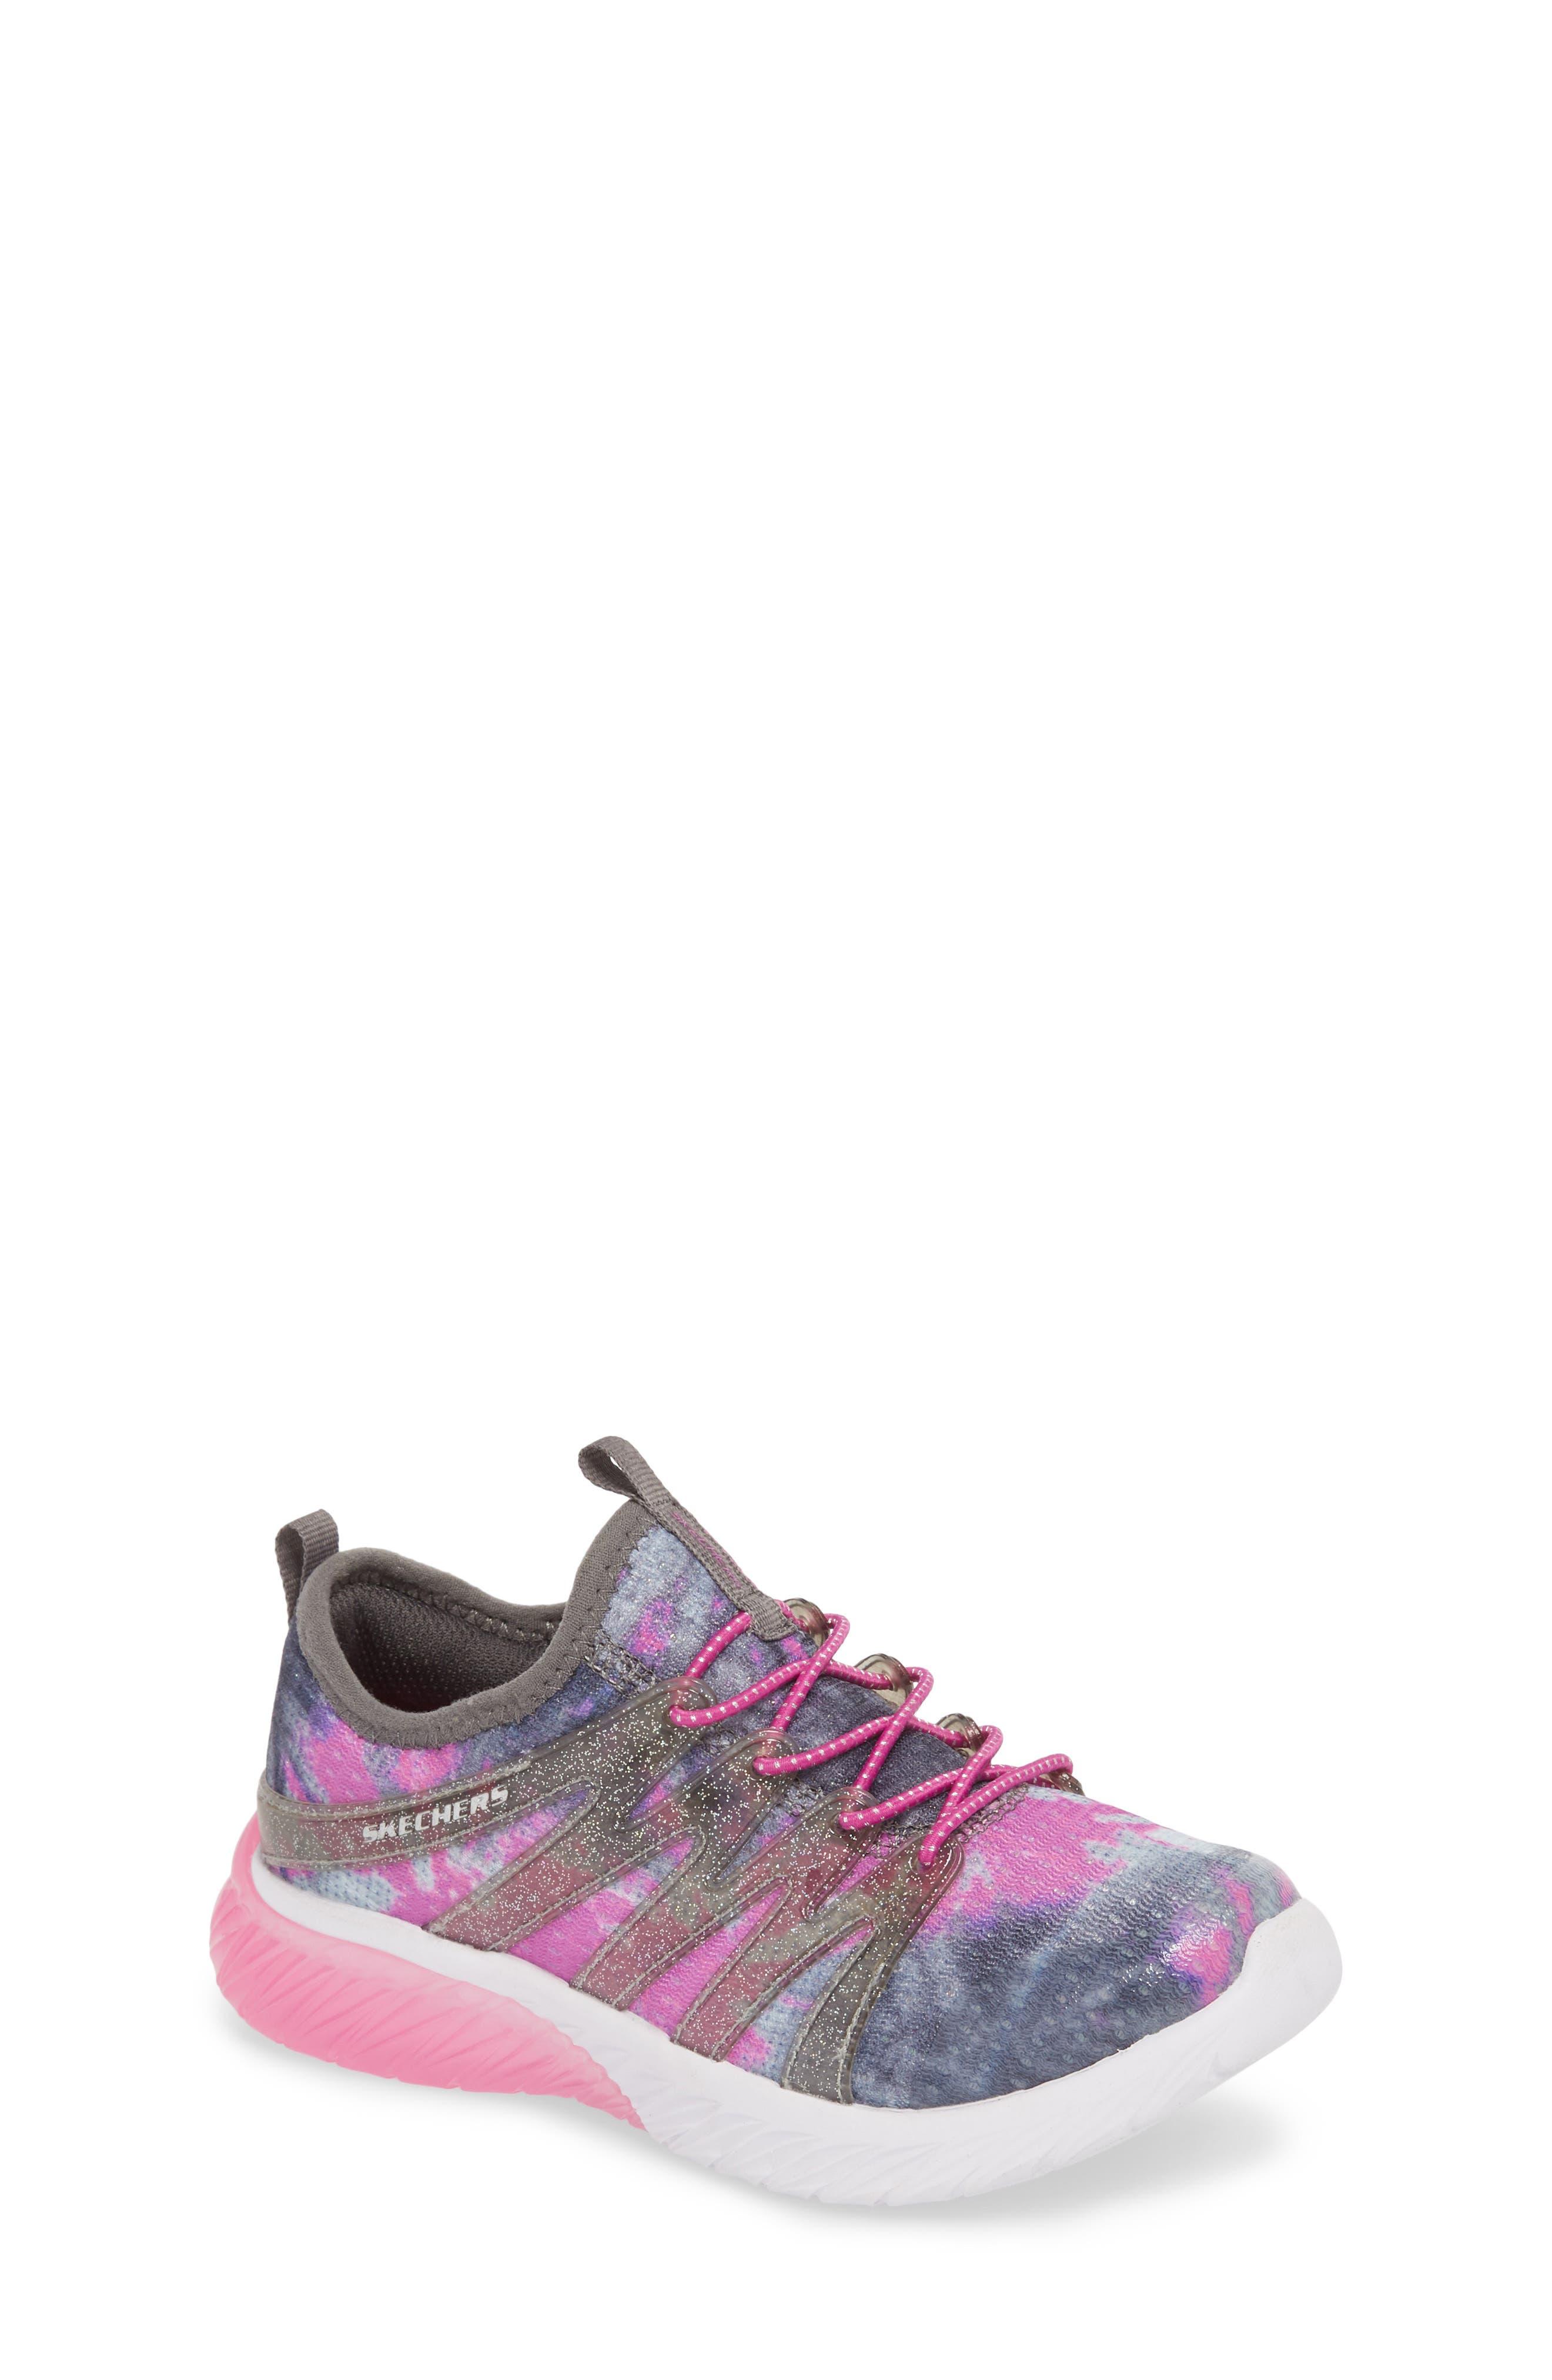 Skech Gem Glitter Sneaker,                             Main thumbnail 1, color,                             650